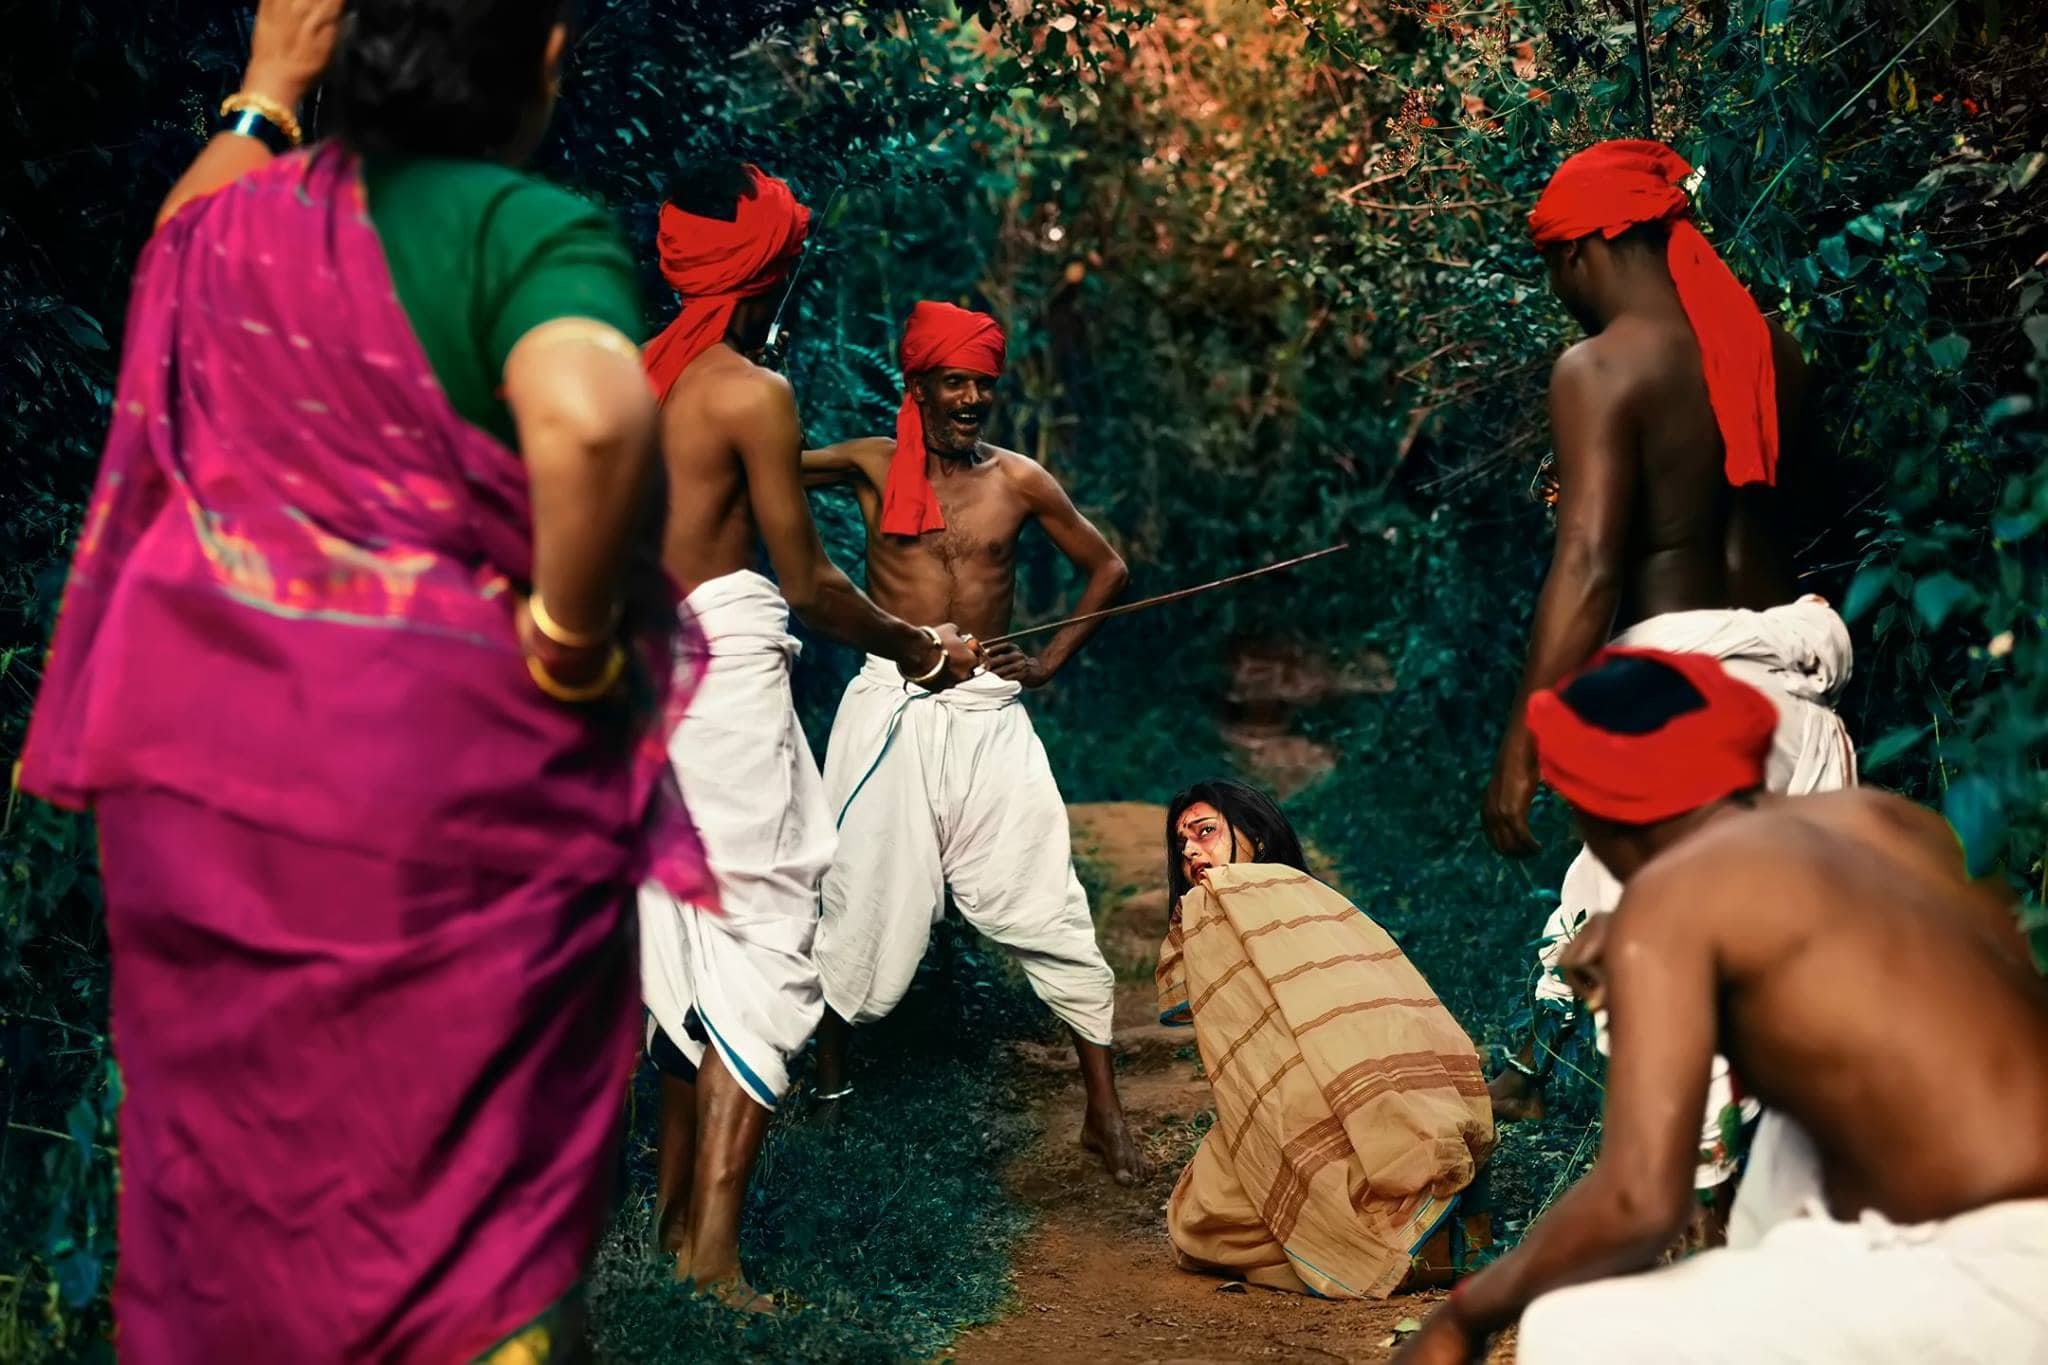 An-Award-winning-photo-story-Avani-By-Arjun-Kamath-43